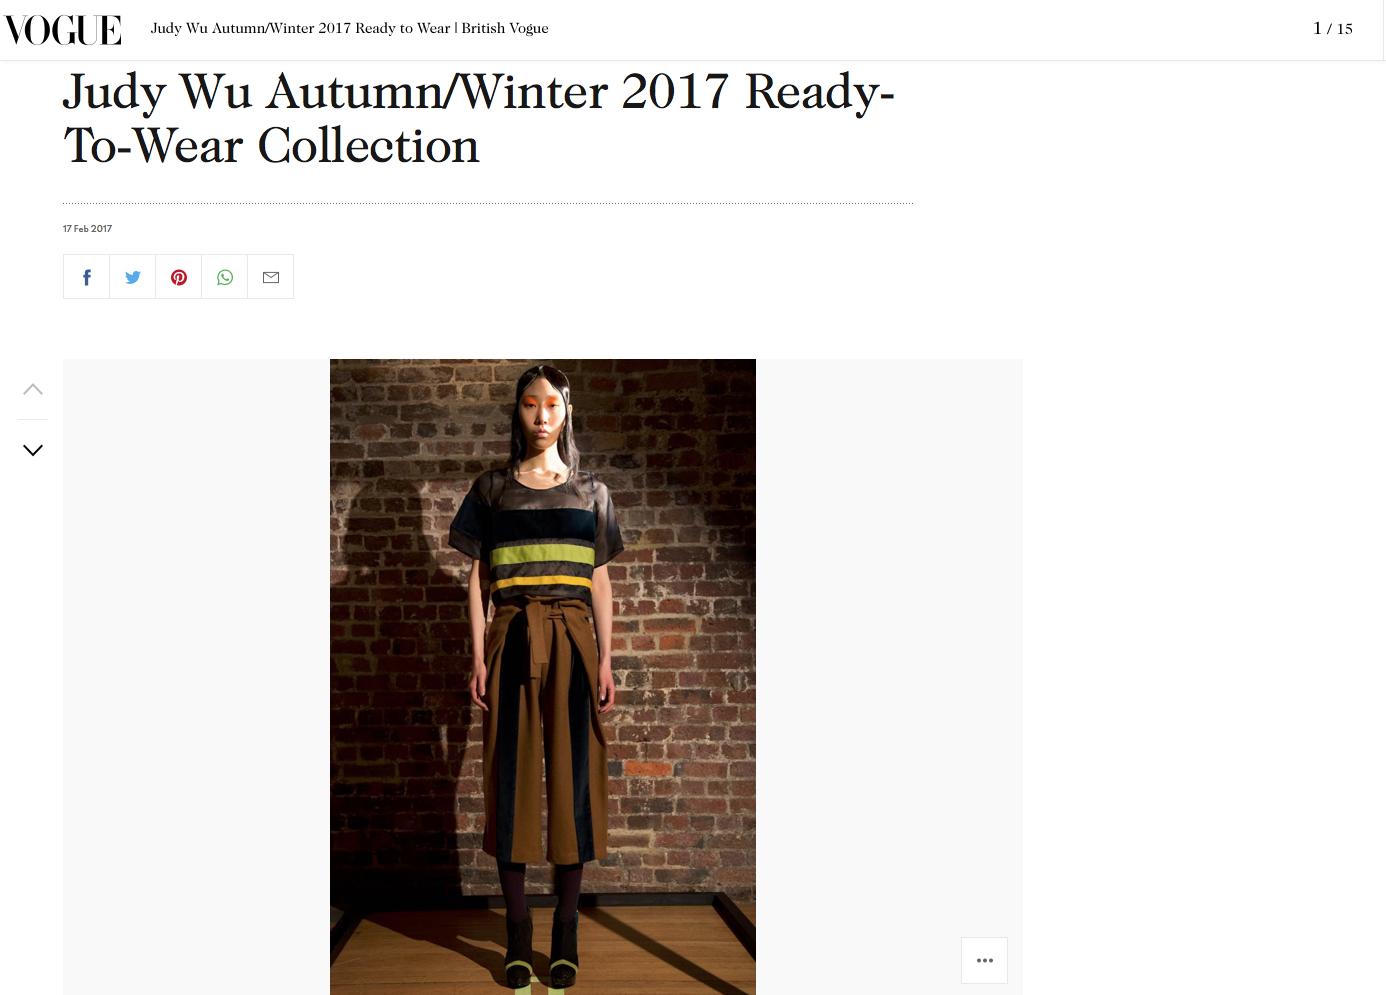 Judy Wu Autumn Winter 2017 Vogue